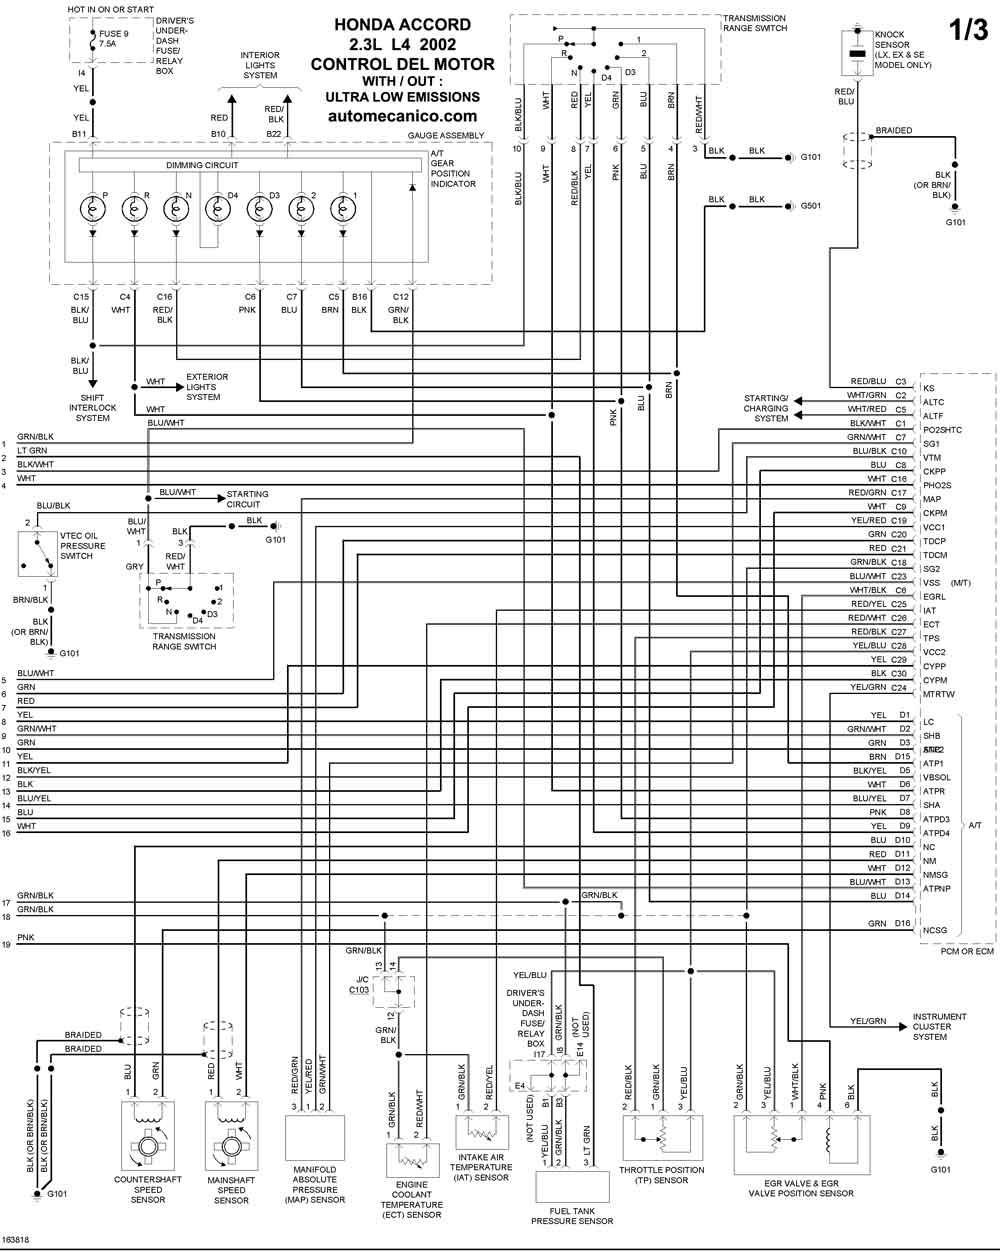 honda - diagramas control del motor 2002